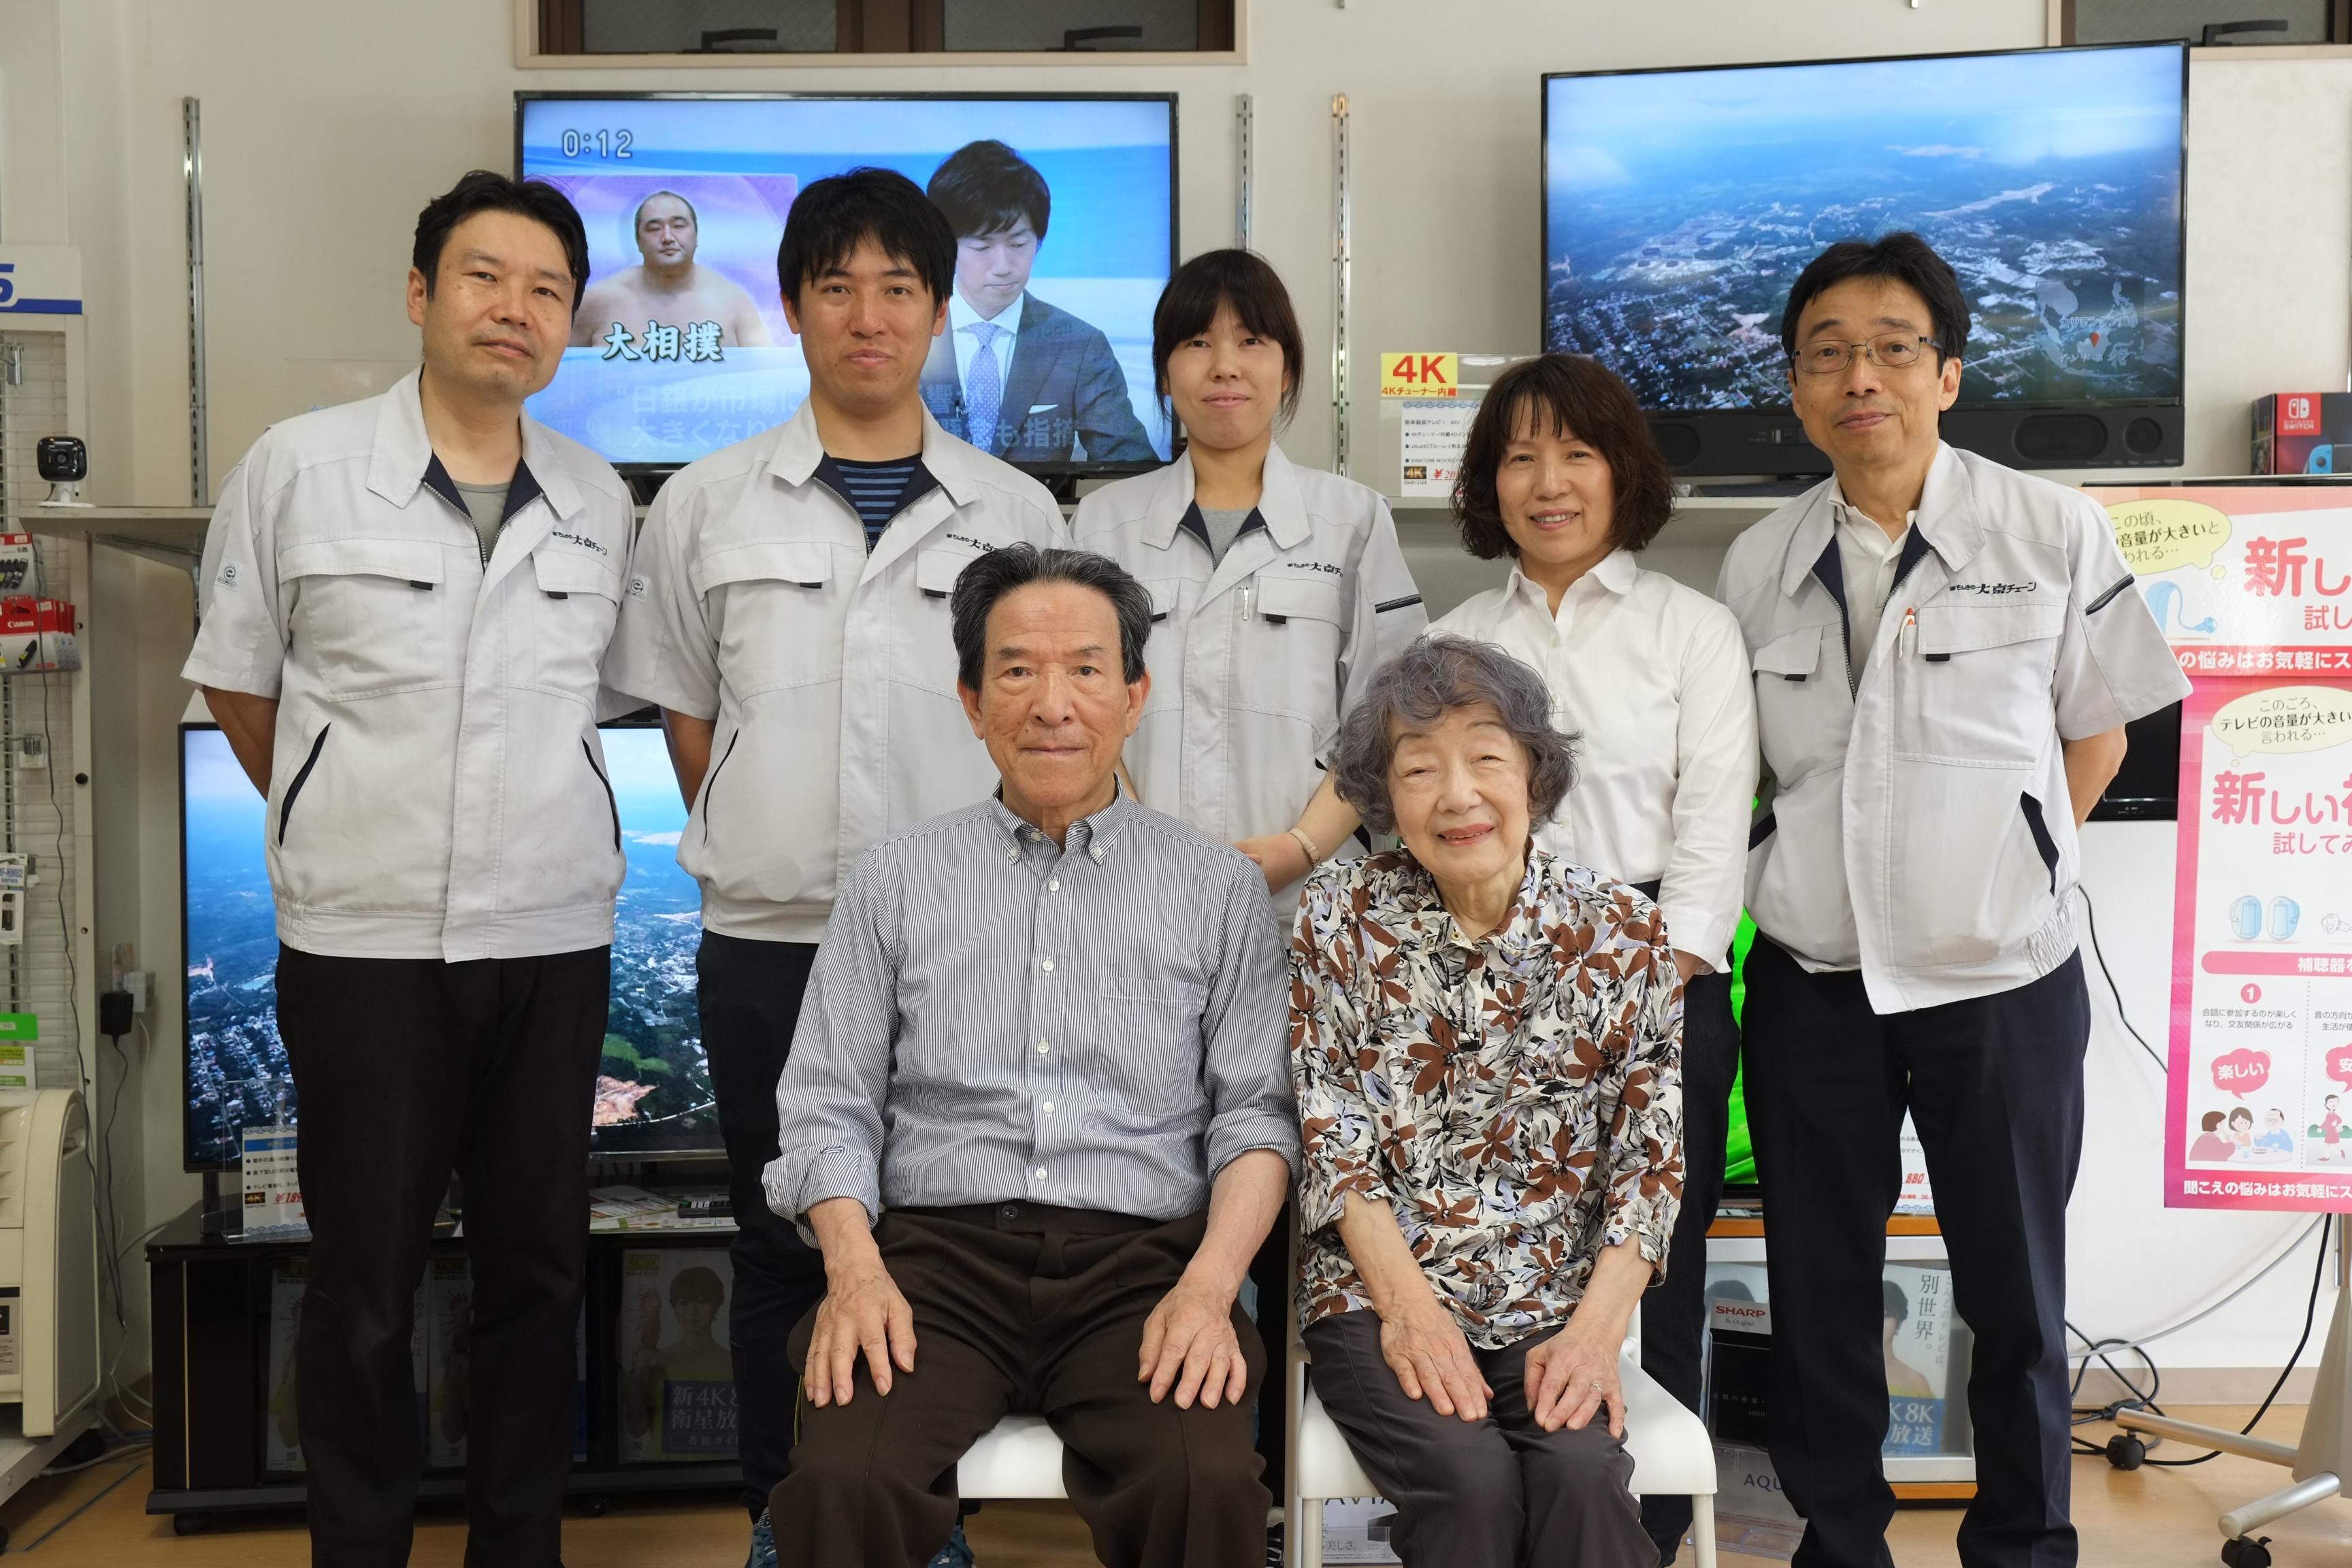 京都で業務用エアコンを購入するなら取付・修理・点検、アフターメンテナンスが得意なでんきの大京へご用命ください。